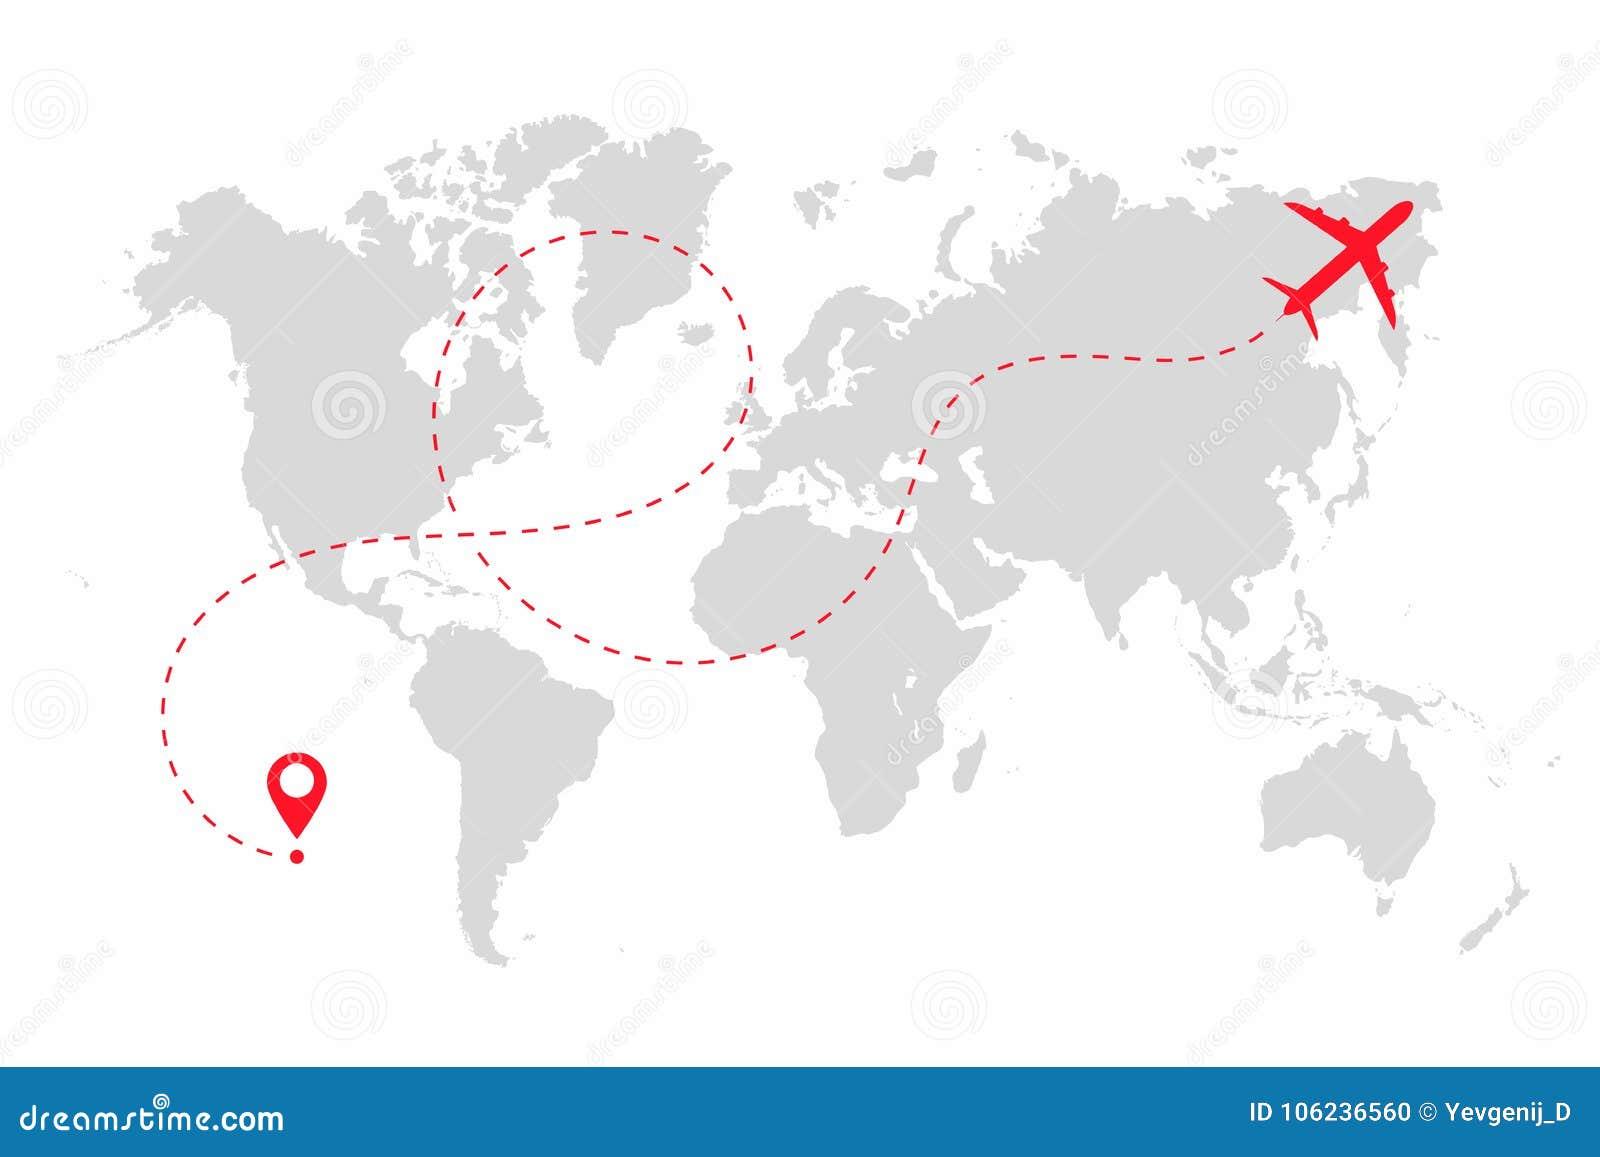 Mudei As Rotas E Meus Planos: Trajeto Do Avião Na Linha Forma Pontilhada No Mapa Do